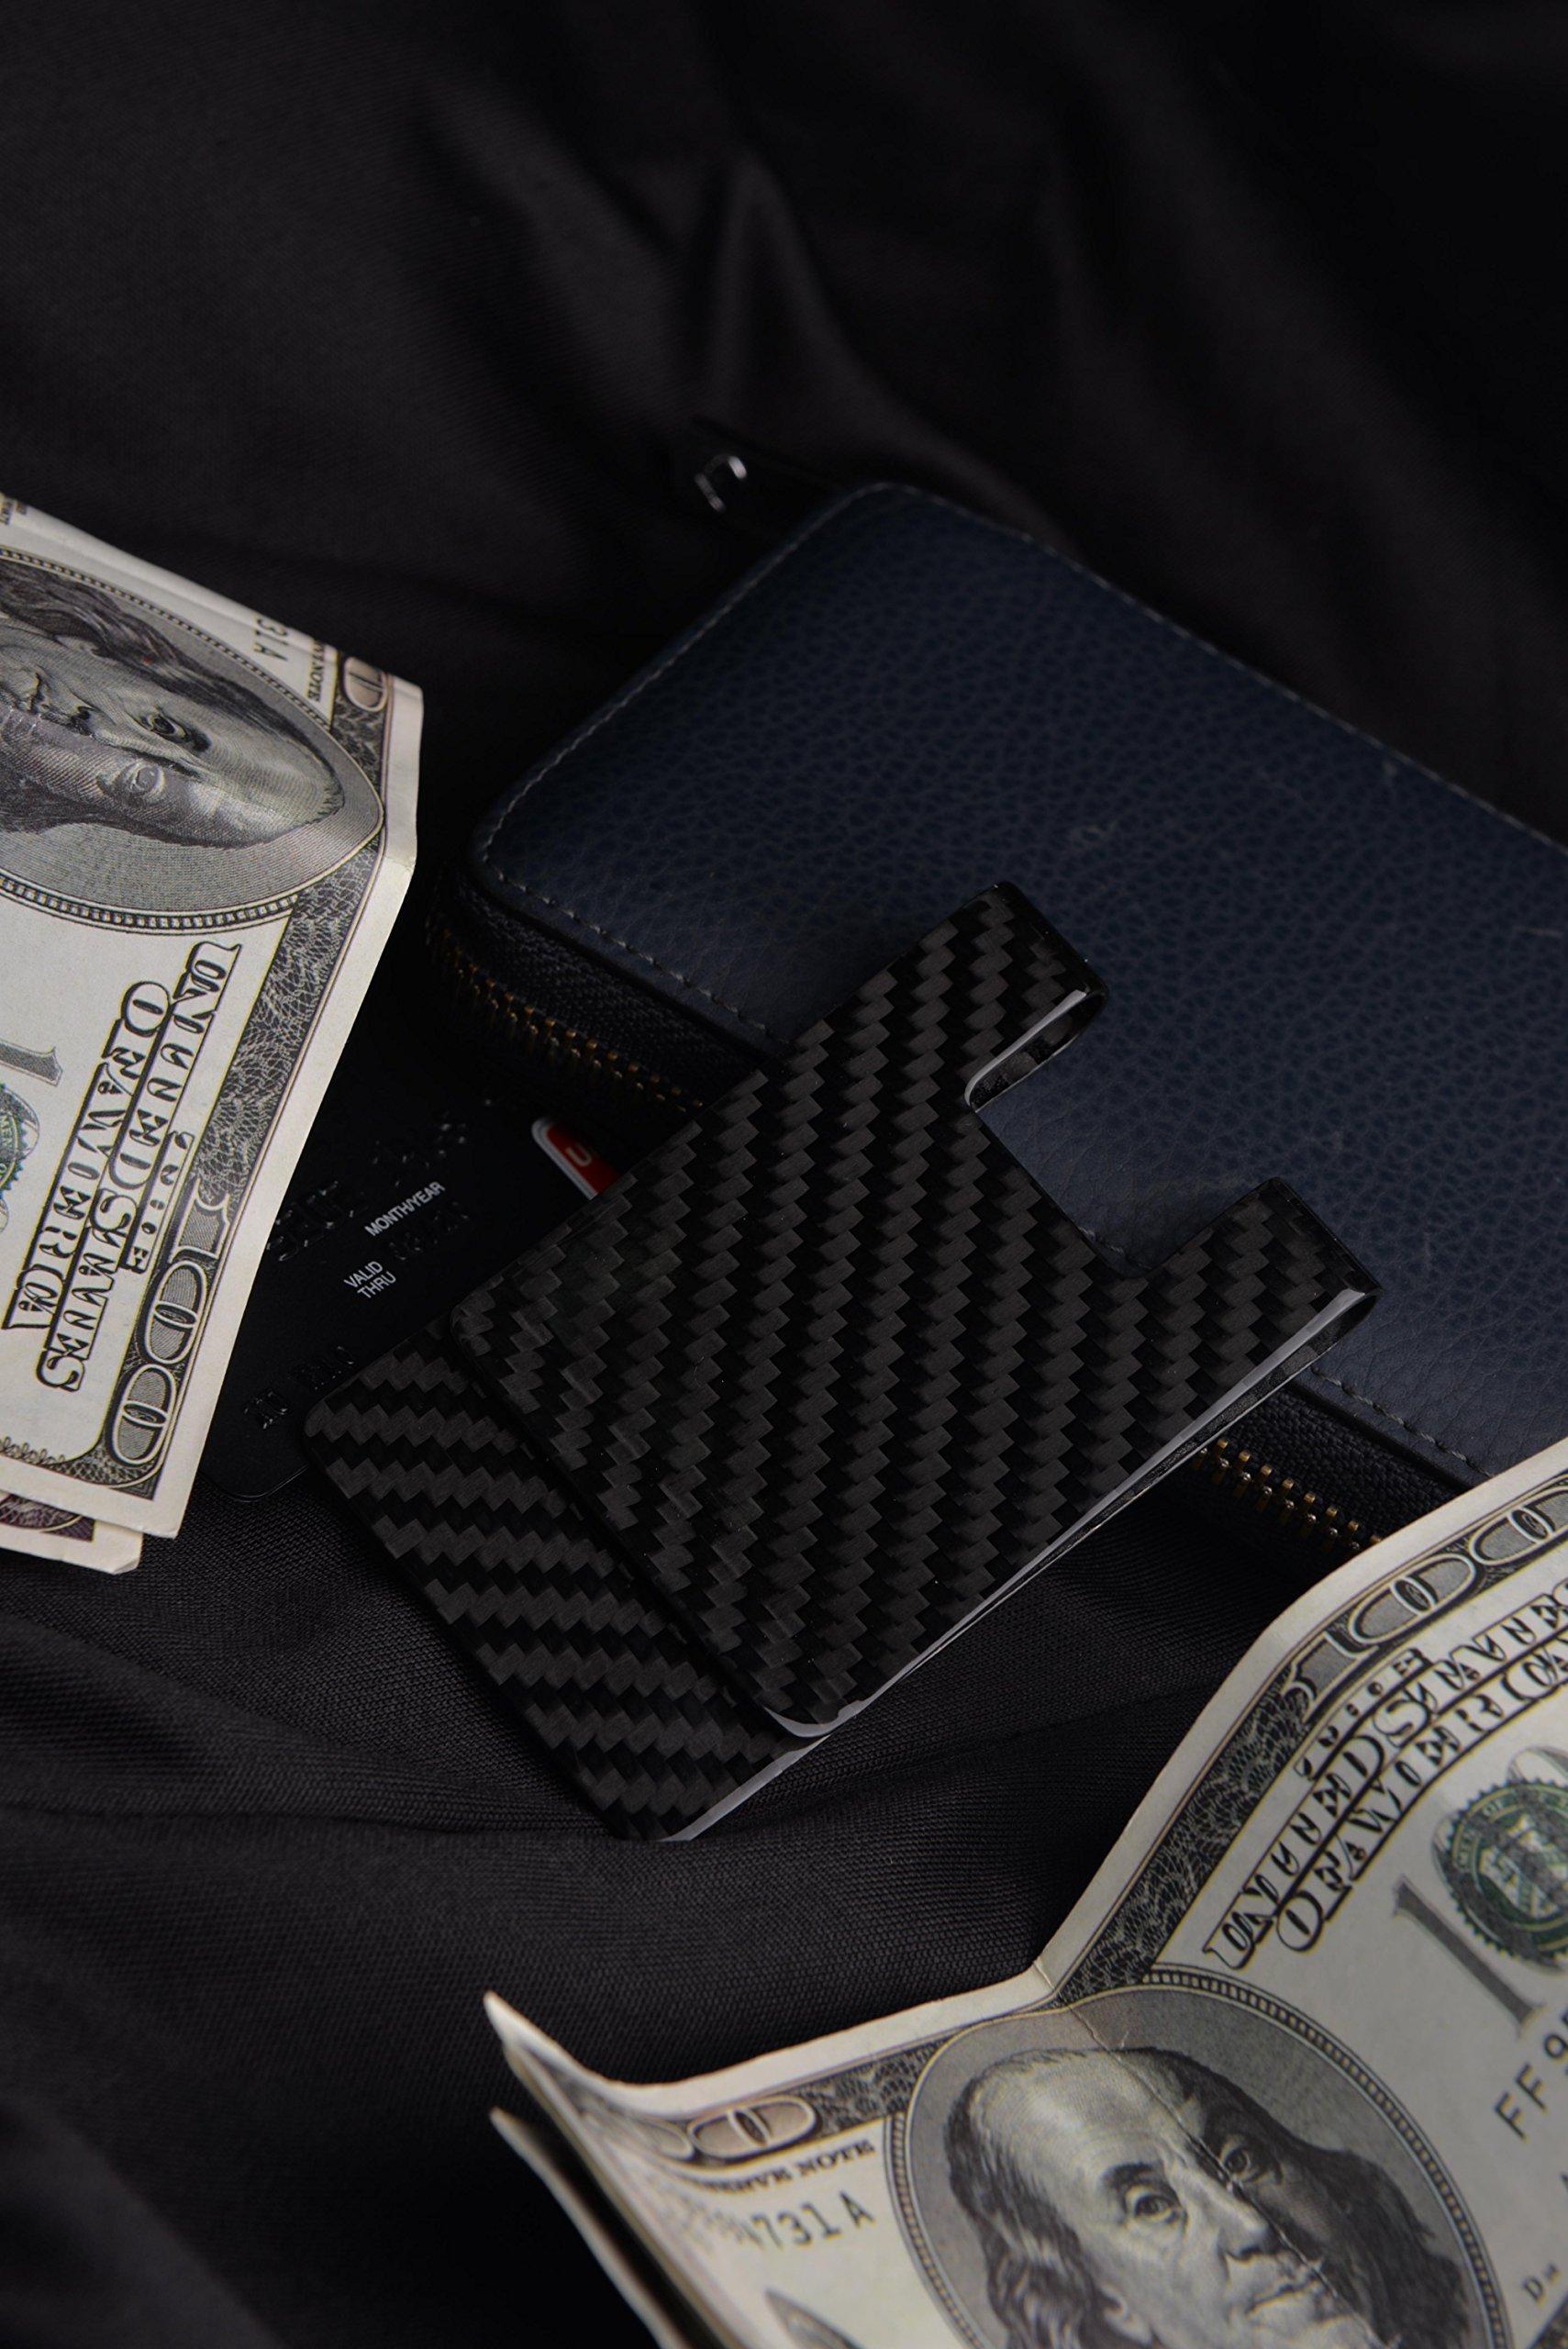 Carbon Fiber Money Clip-Credit card holder CL CARBONLIFE RFID Glossy clips for men 3K